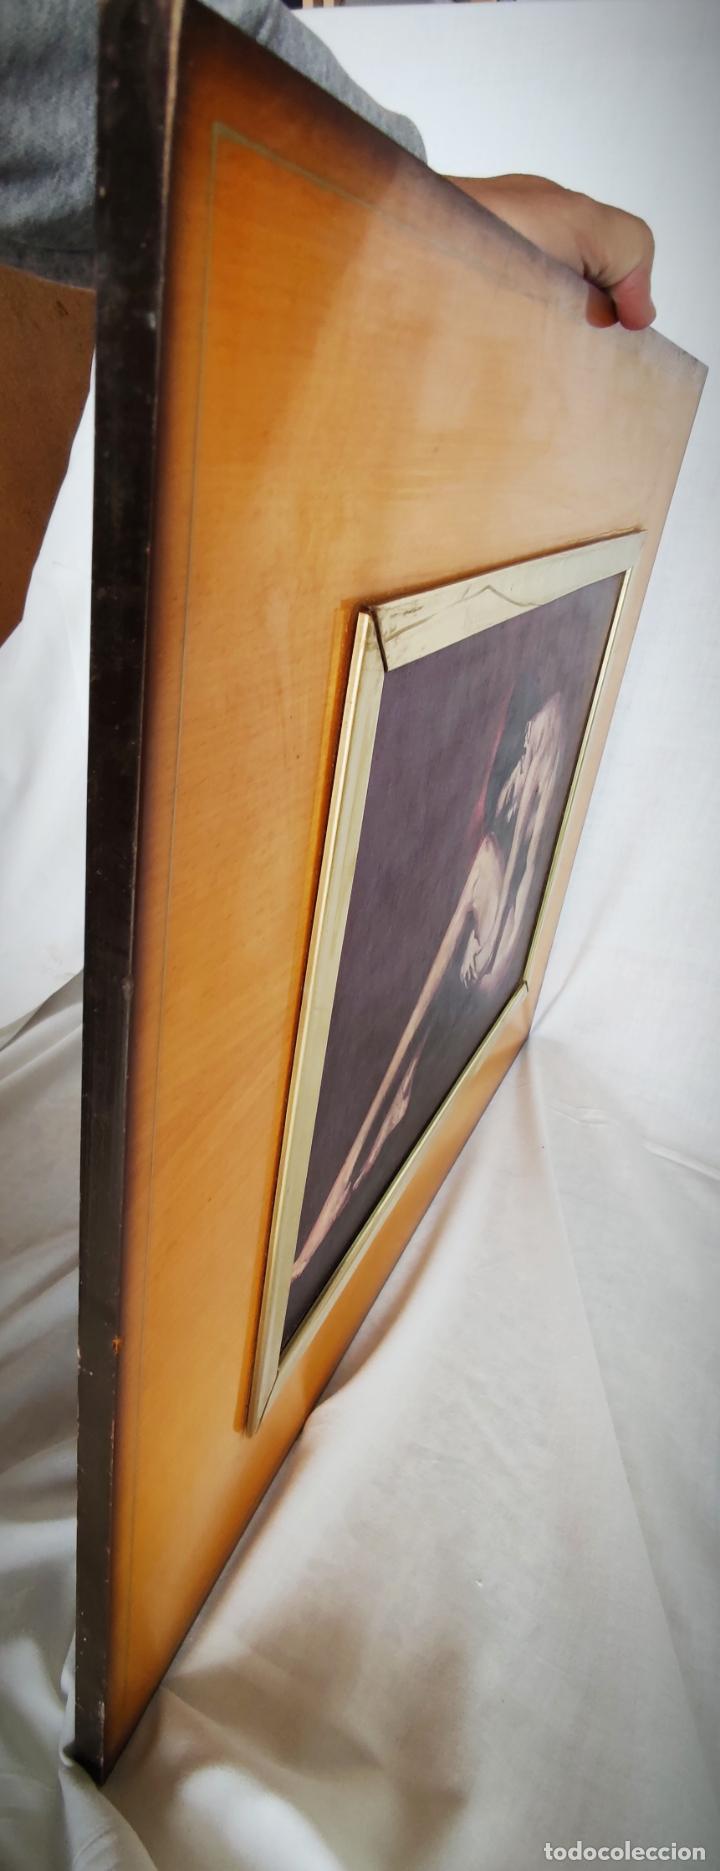 Arte: OLEO SOBRE TABLA - MARCELLO CASSINARI VETTOR - DESNUDO - 40 X 30 CM APROX. - BASTIDOR MADERA - Foto 6 - 228019230